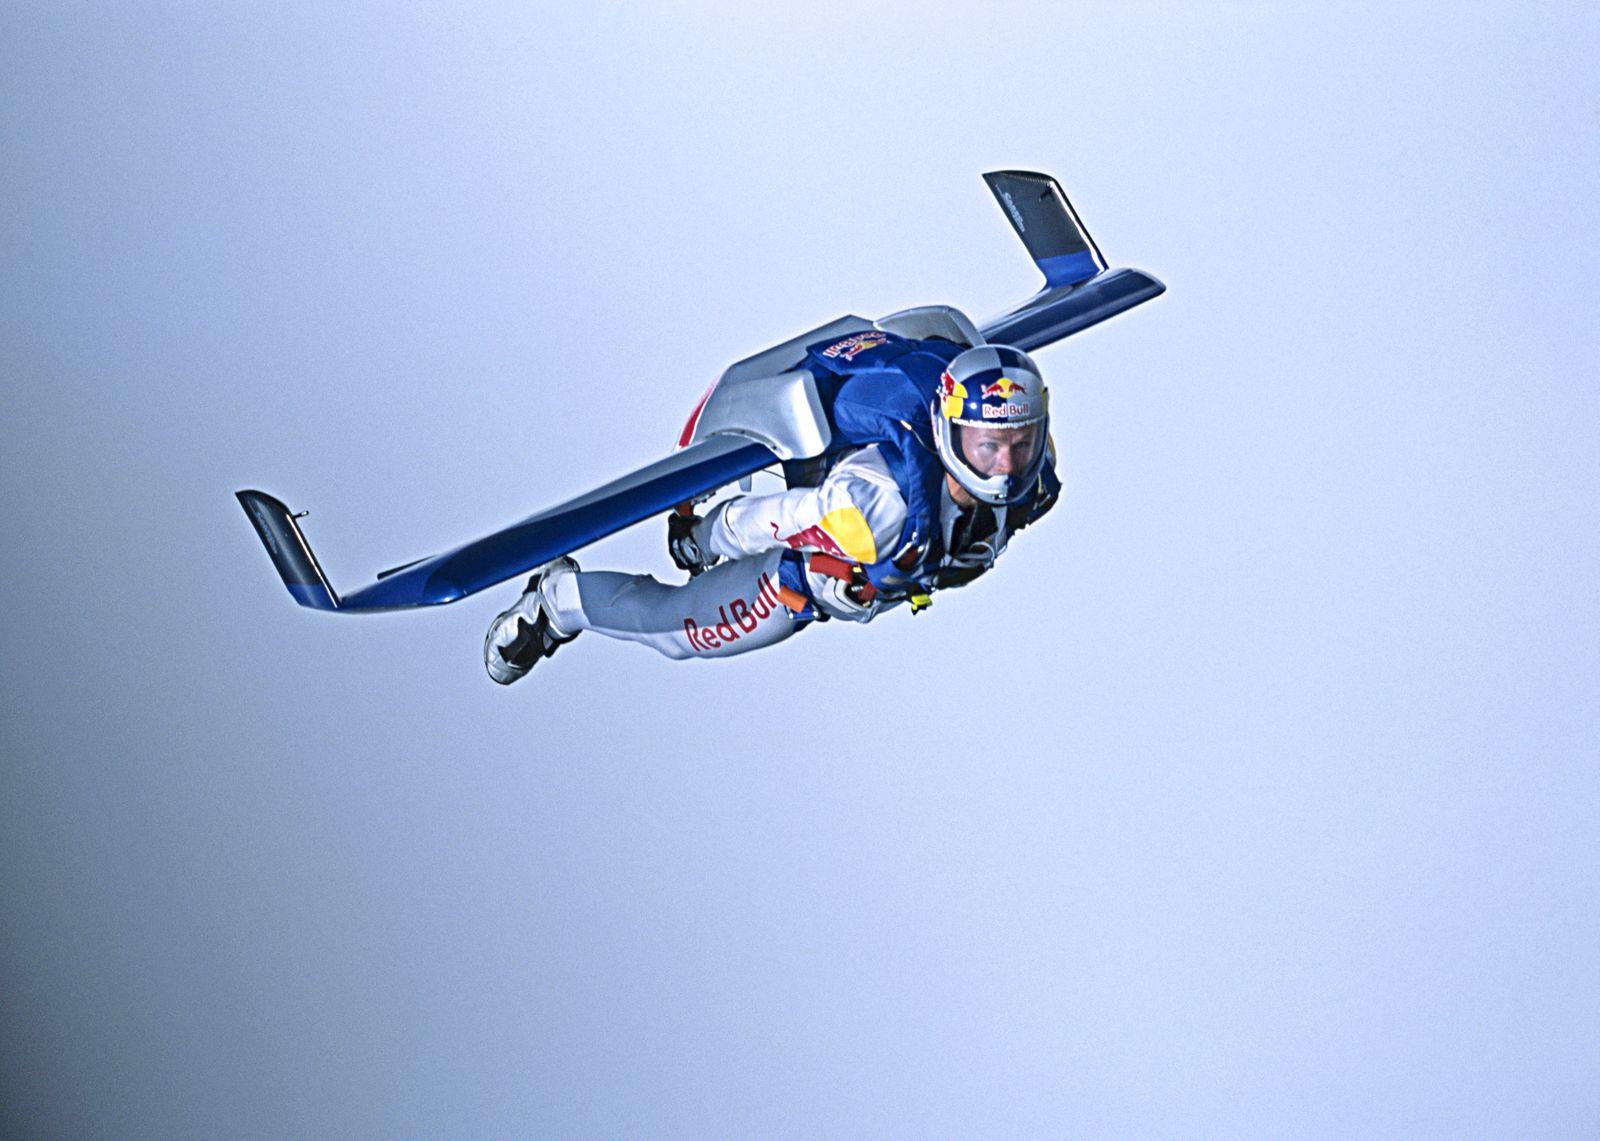 Felix Baumgartner / Red Bull